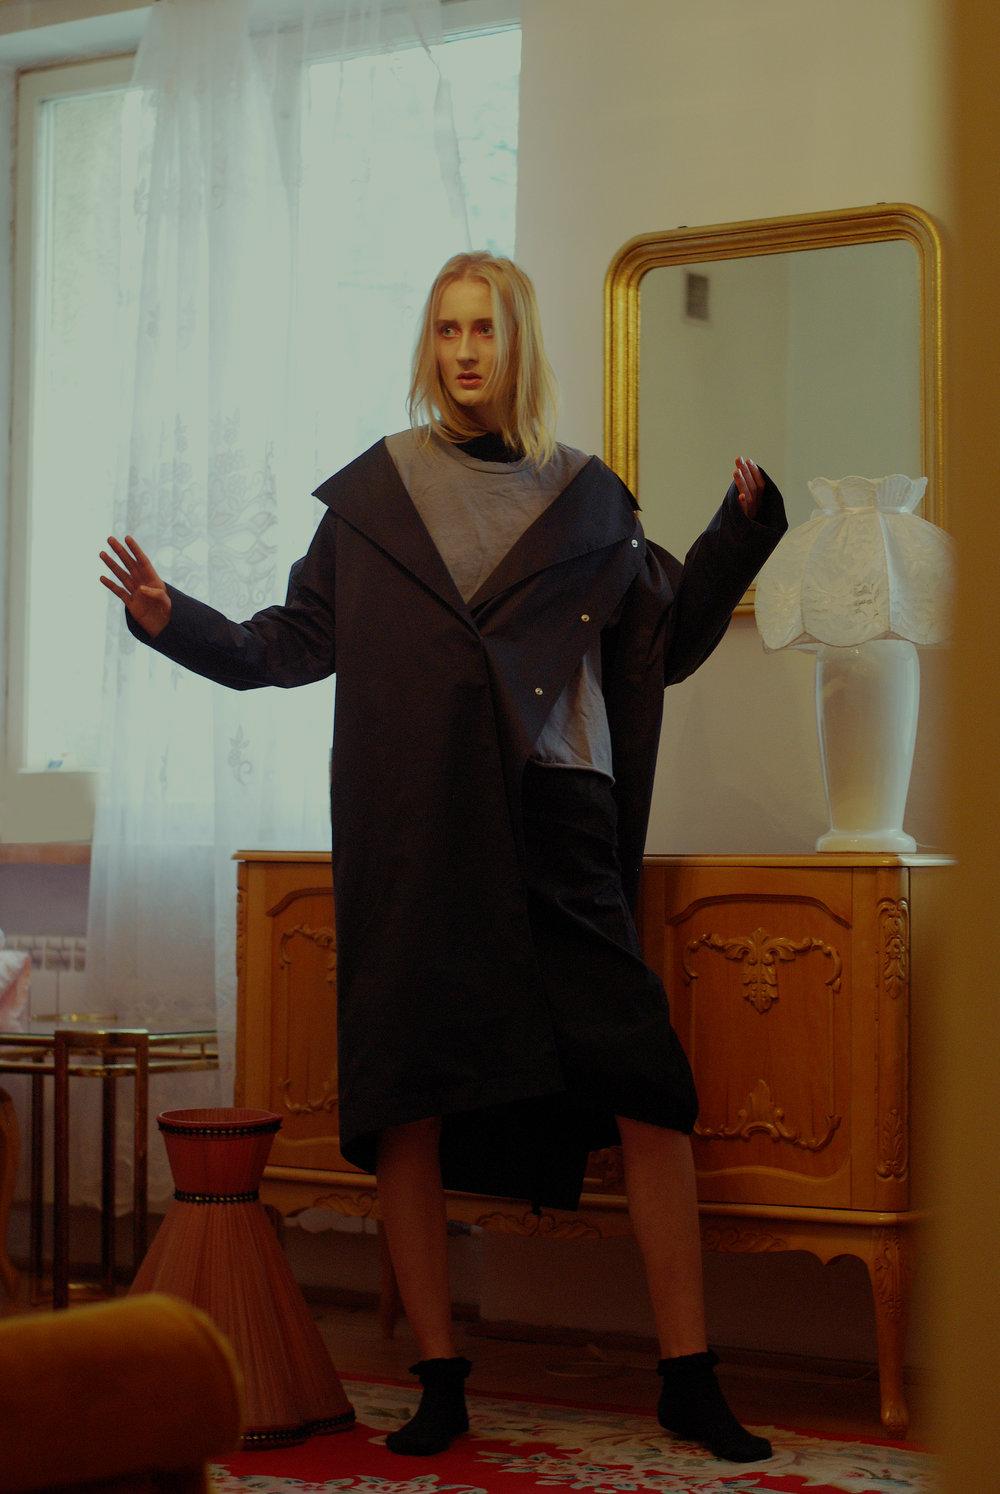 t-shirt TOPSHOP, waistcoat MMC, skirt ZARA